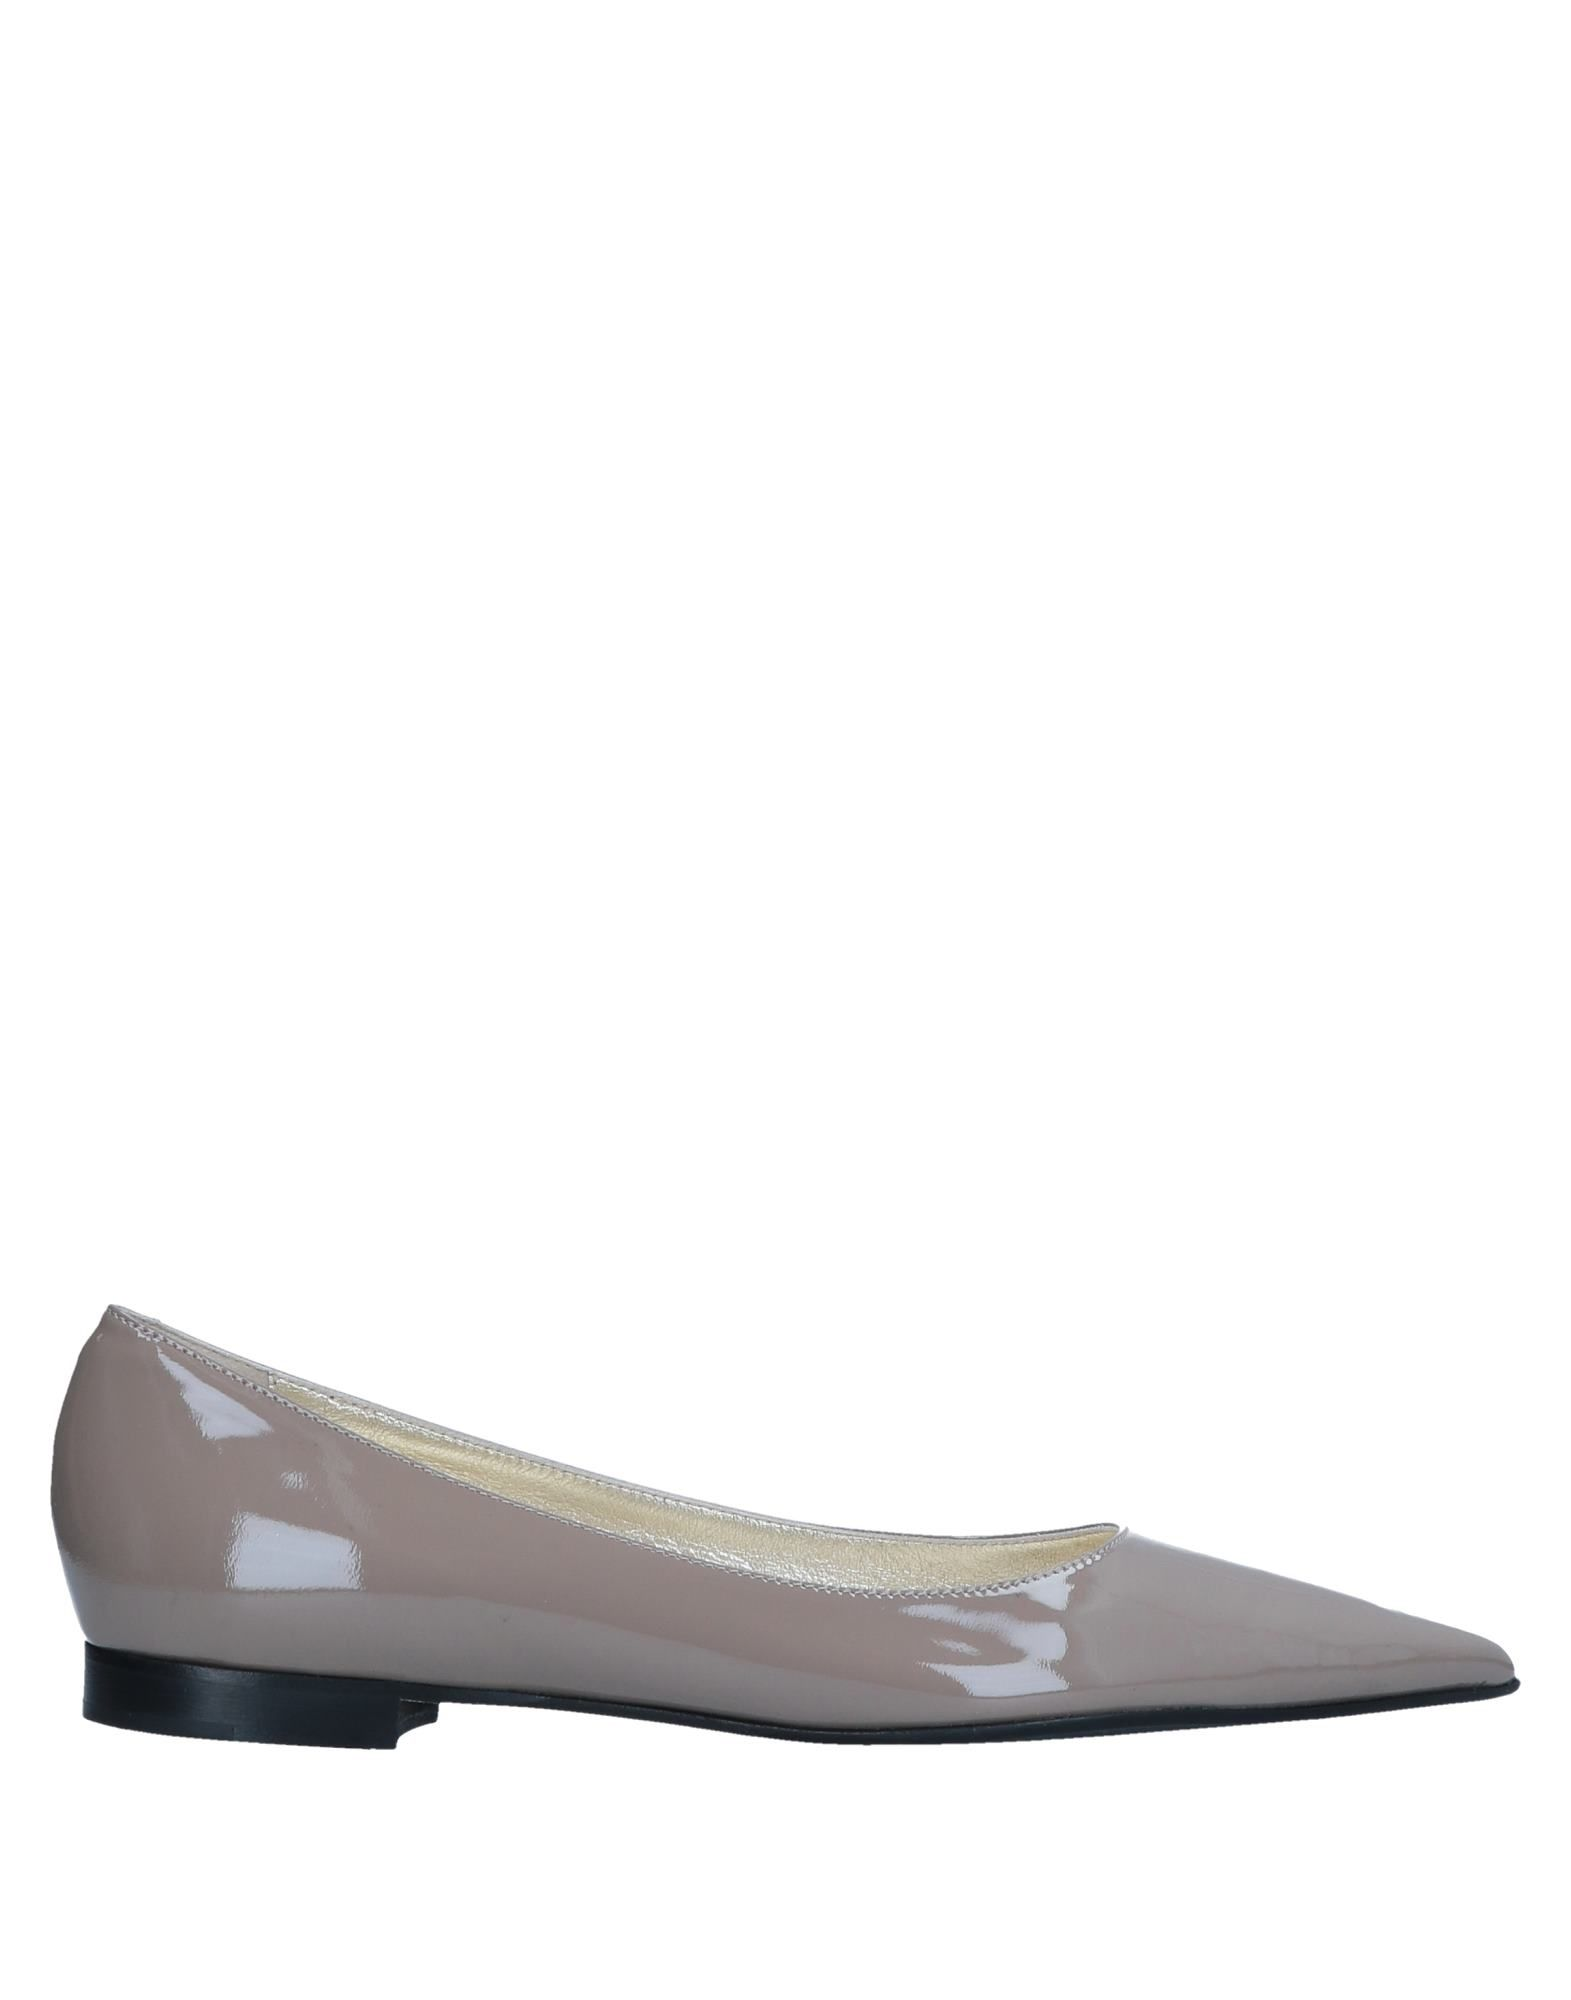 Caiman Ballerinas Damen  11546970NT Gute Qualität beliebte Schuhe